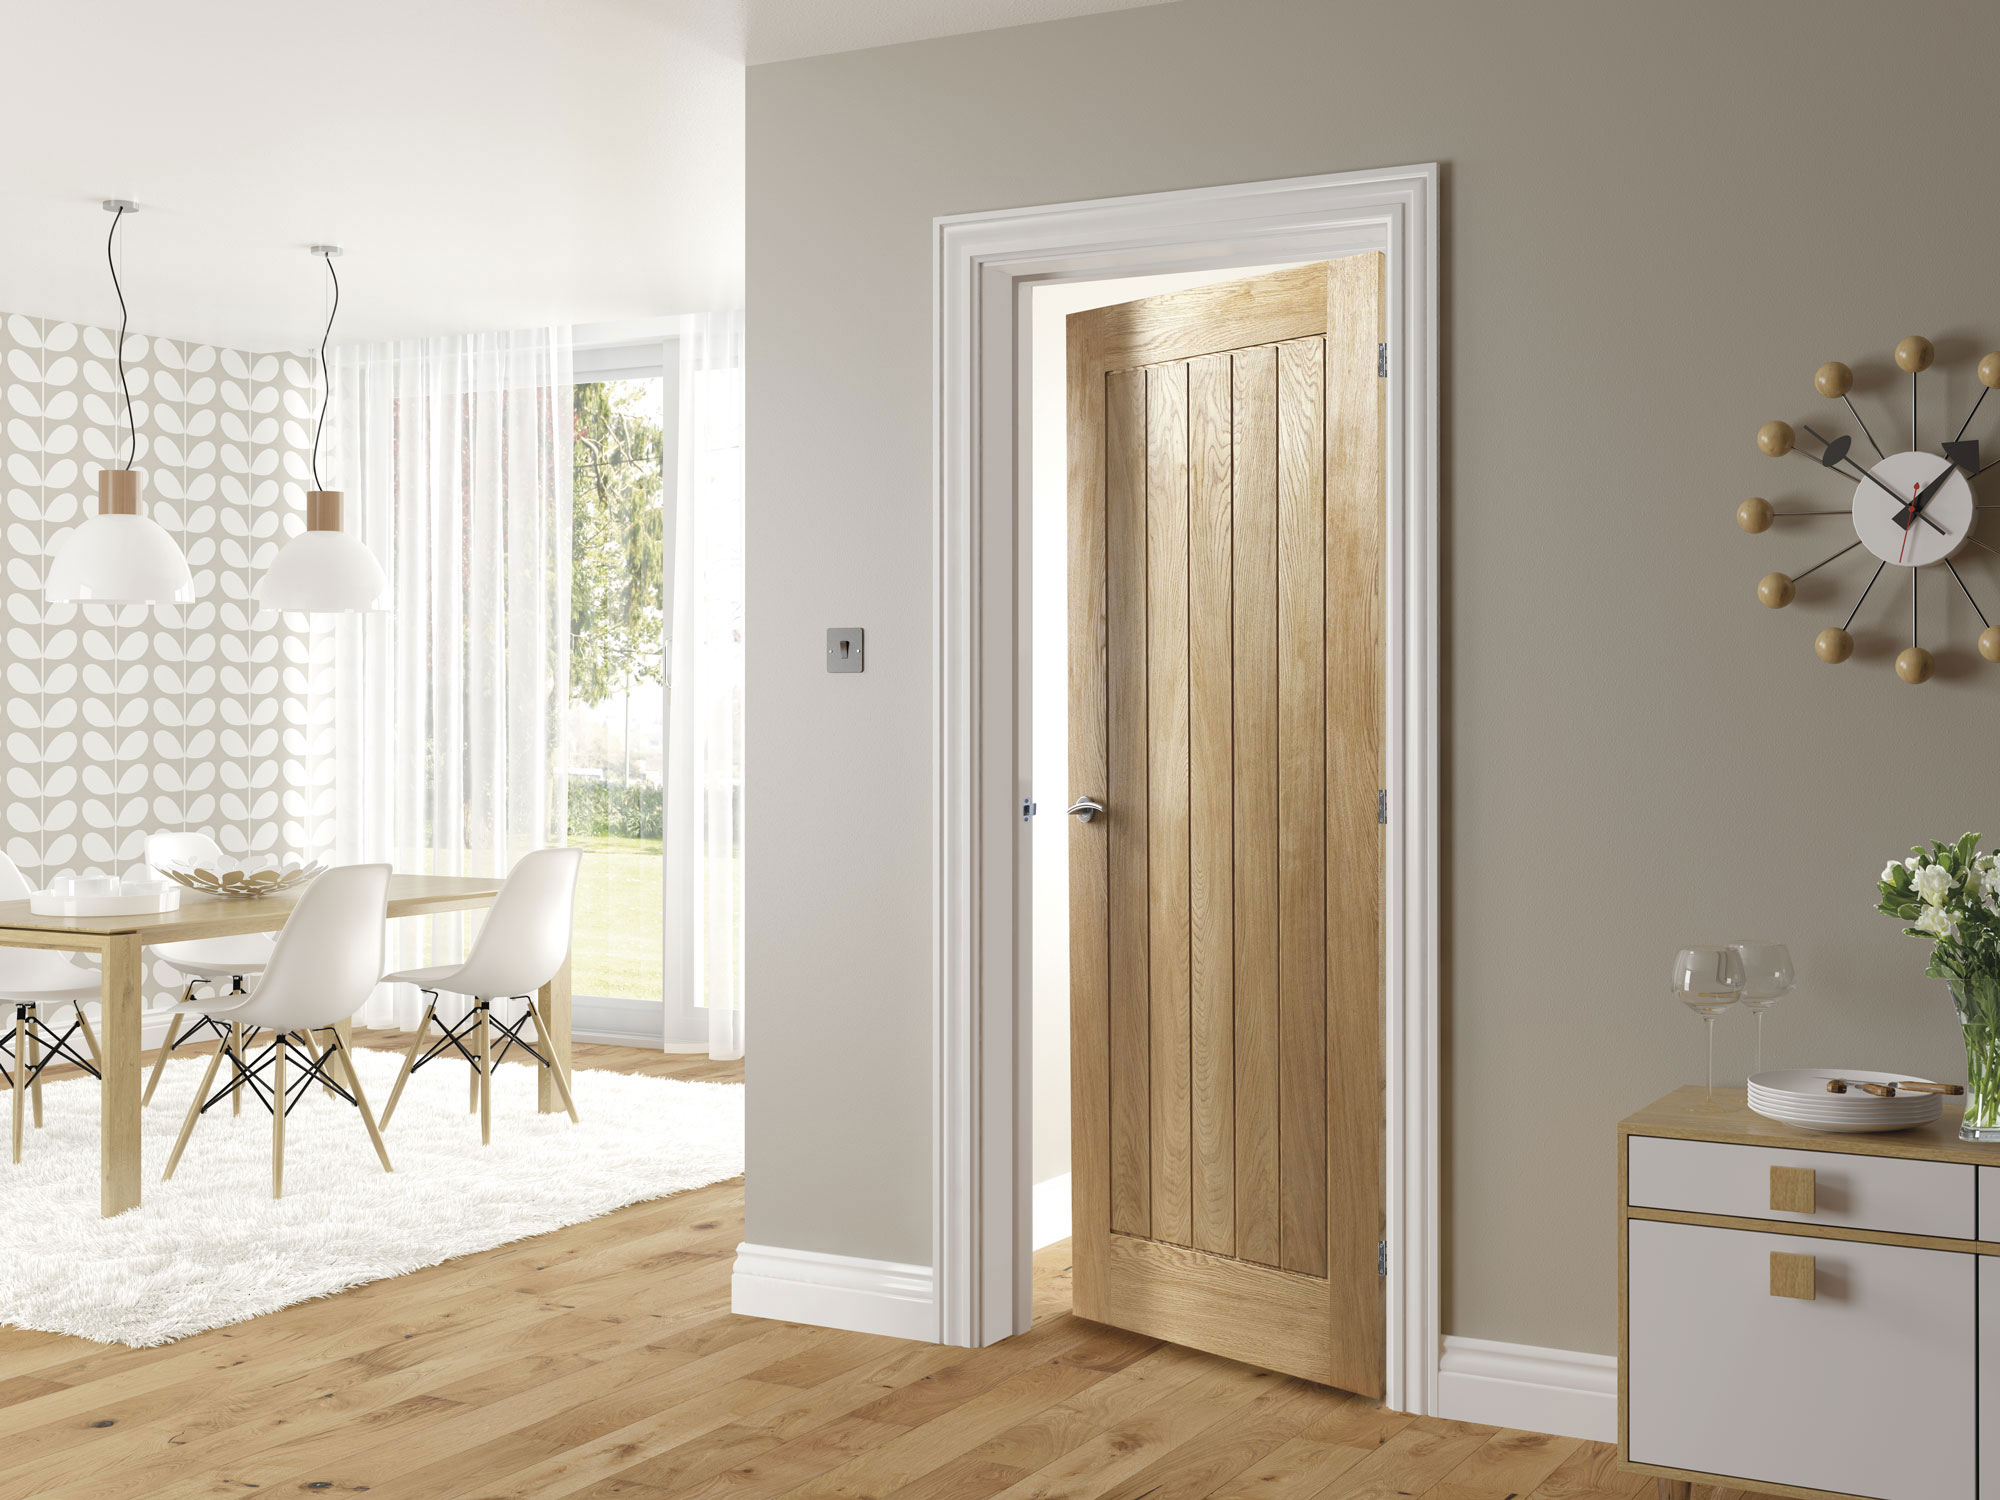 Oak 4 Panel Internal Door